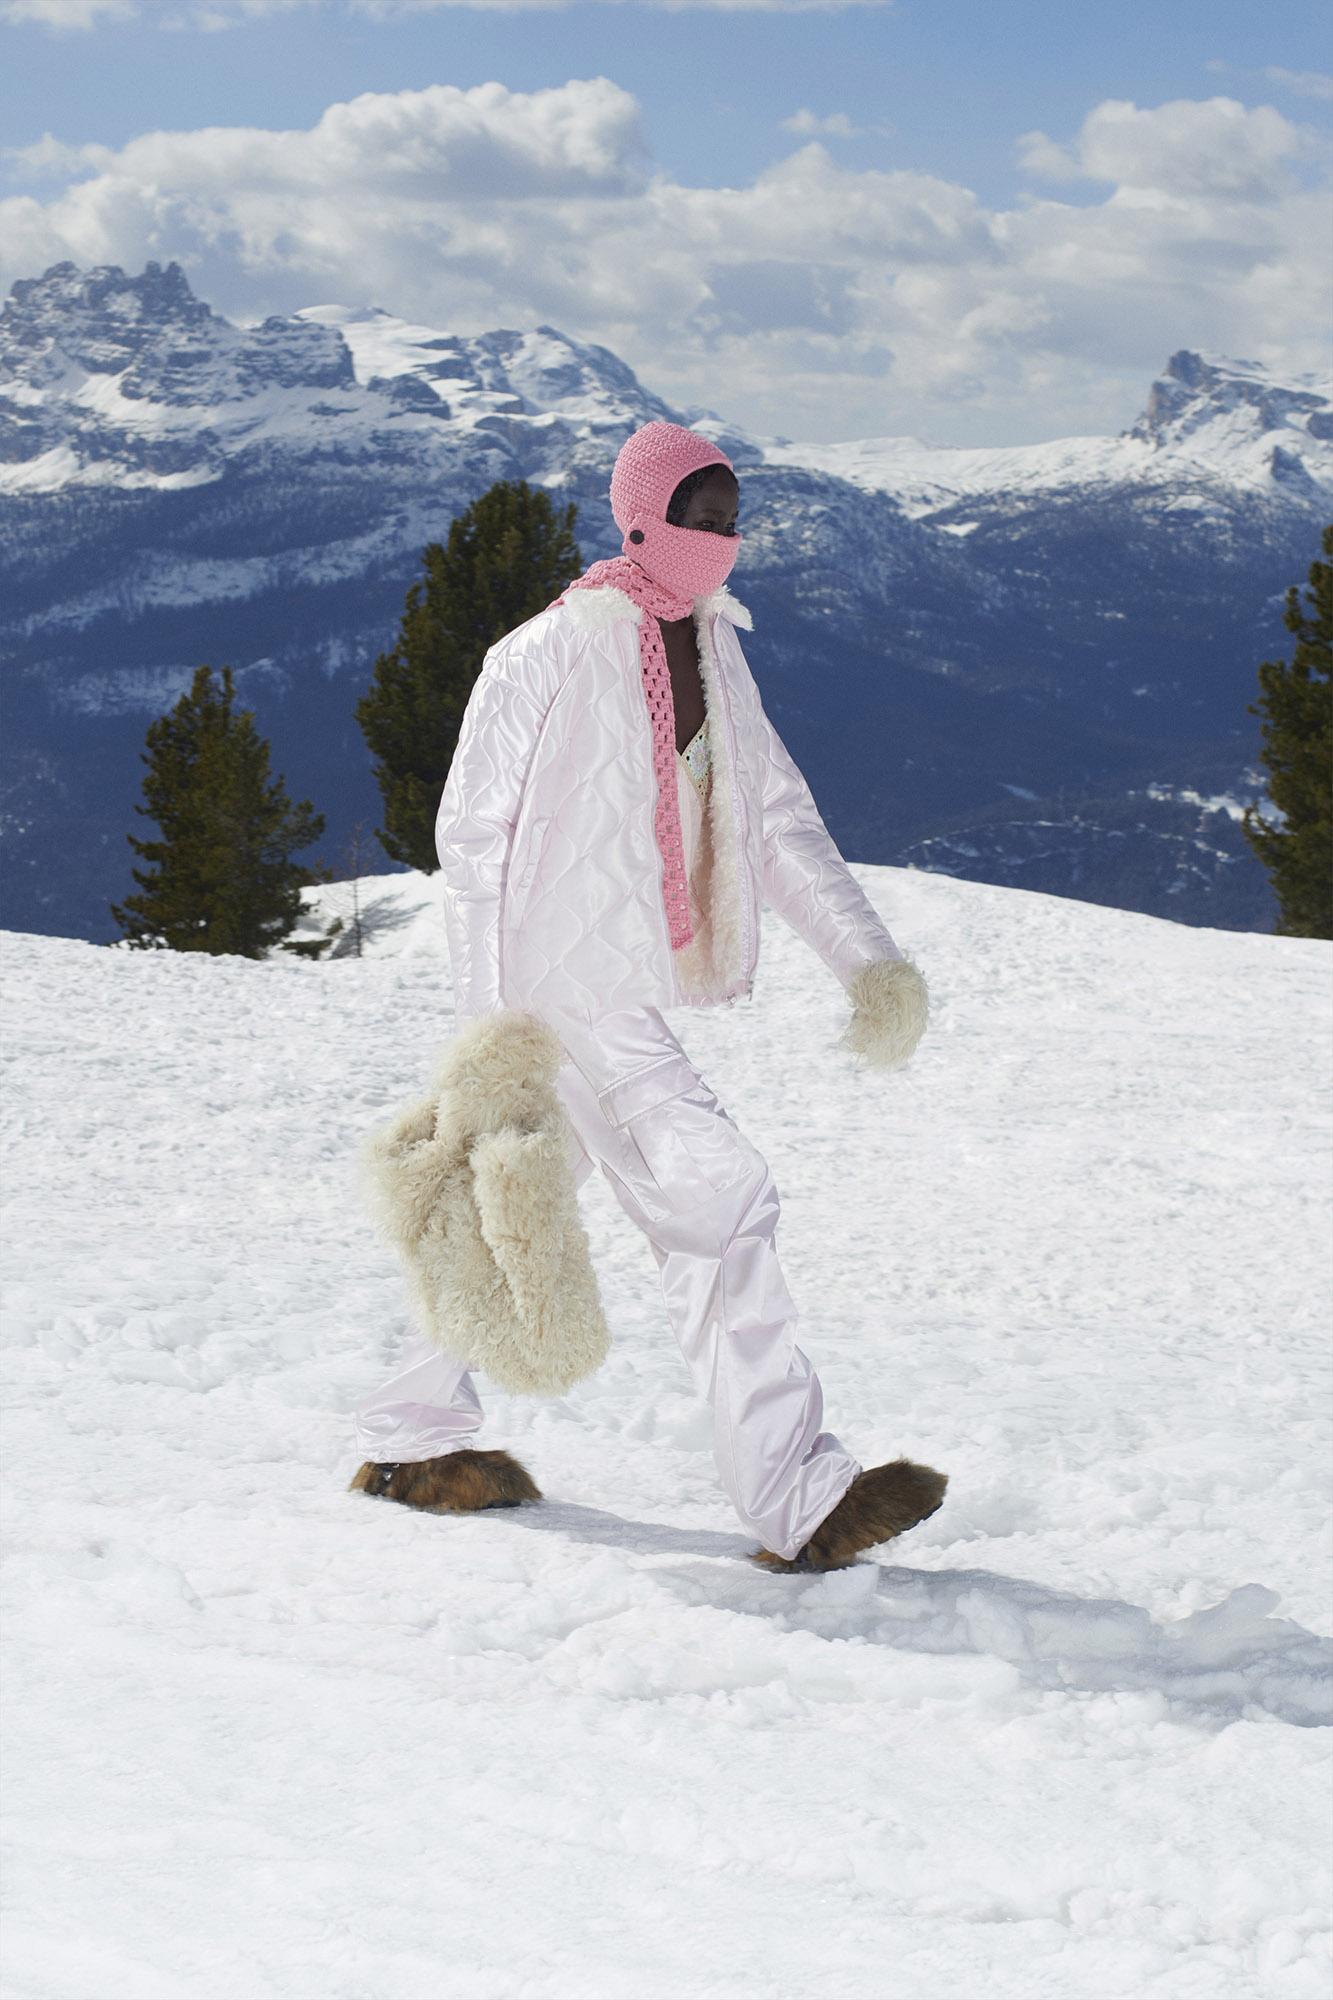 Miu Miu hits the slopes for Fall/Winter 2021